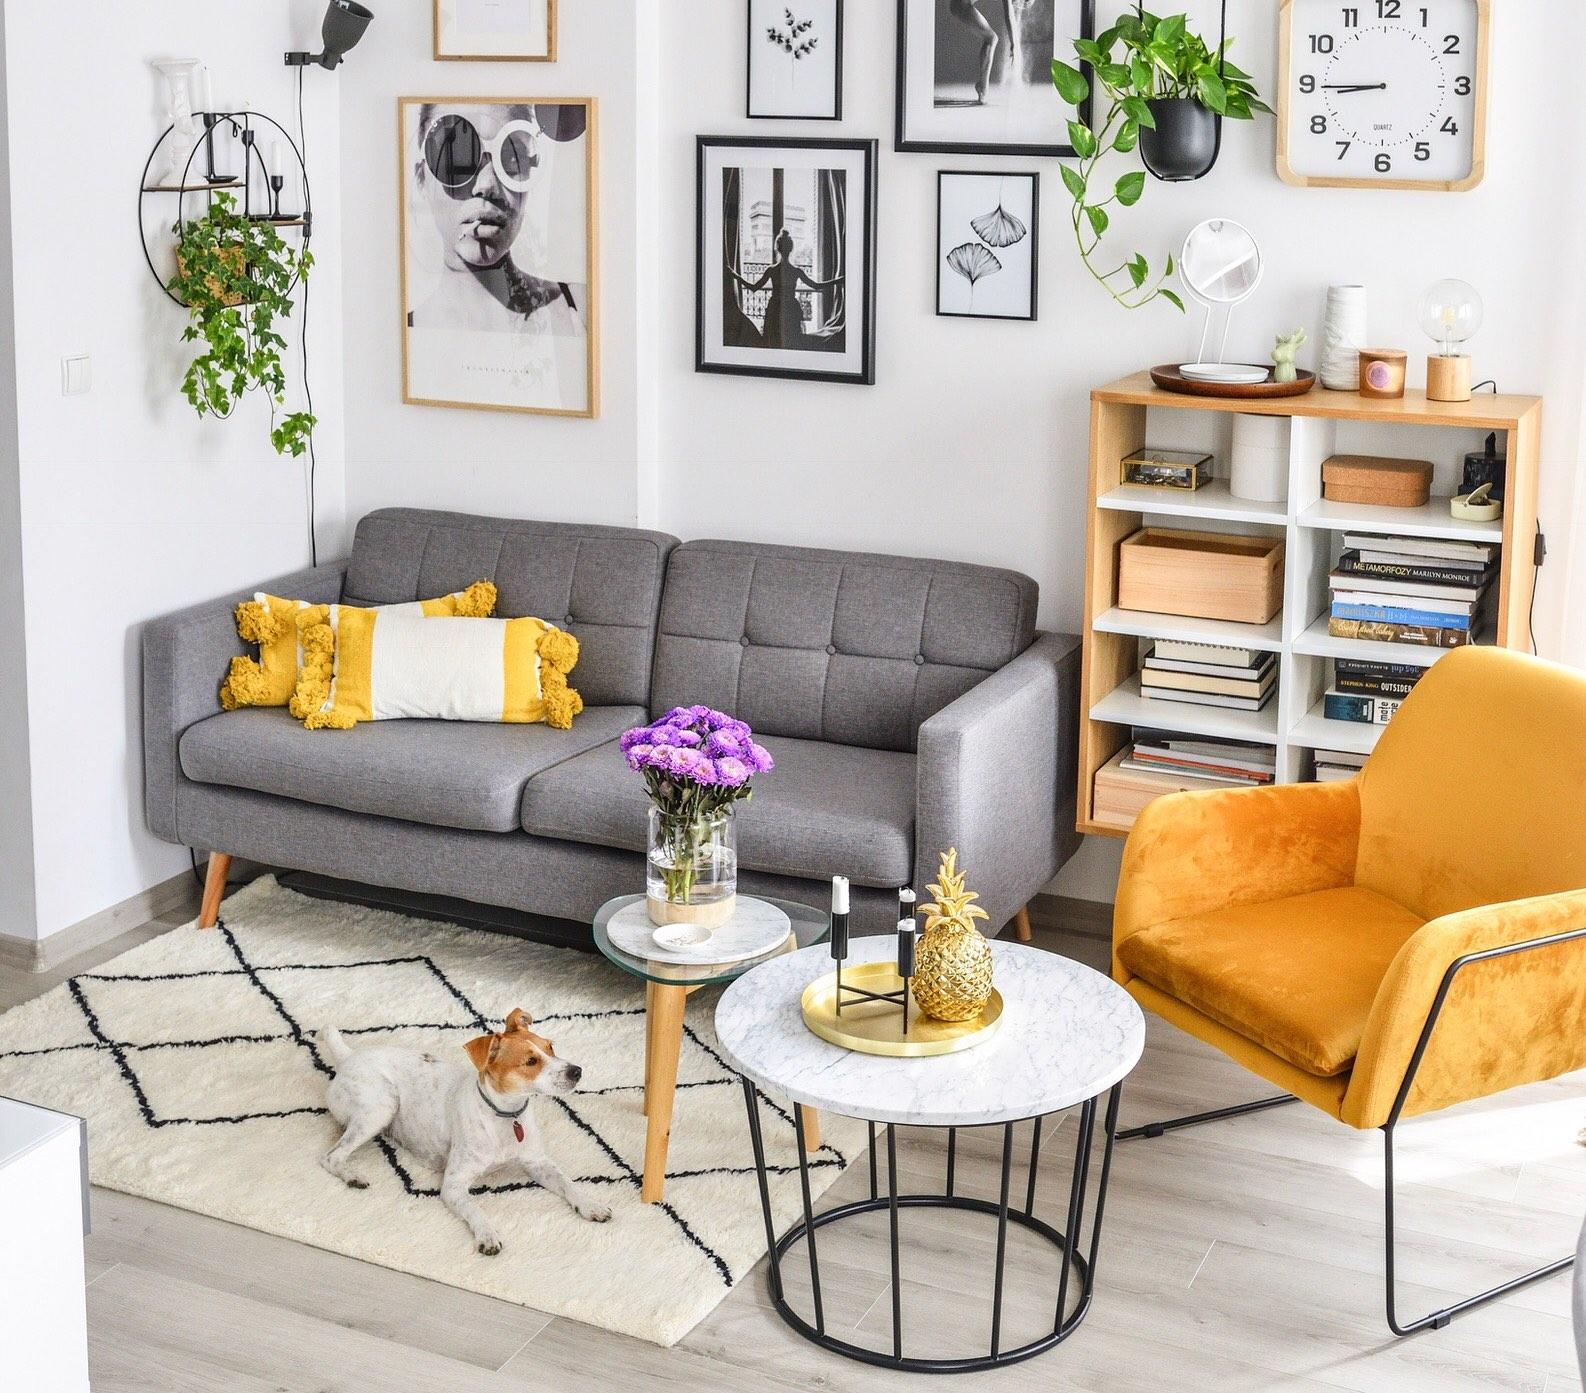 Szara sofa Brest żółty welurowy fotel Foxe